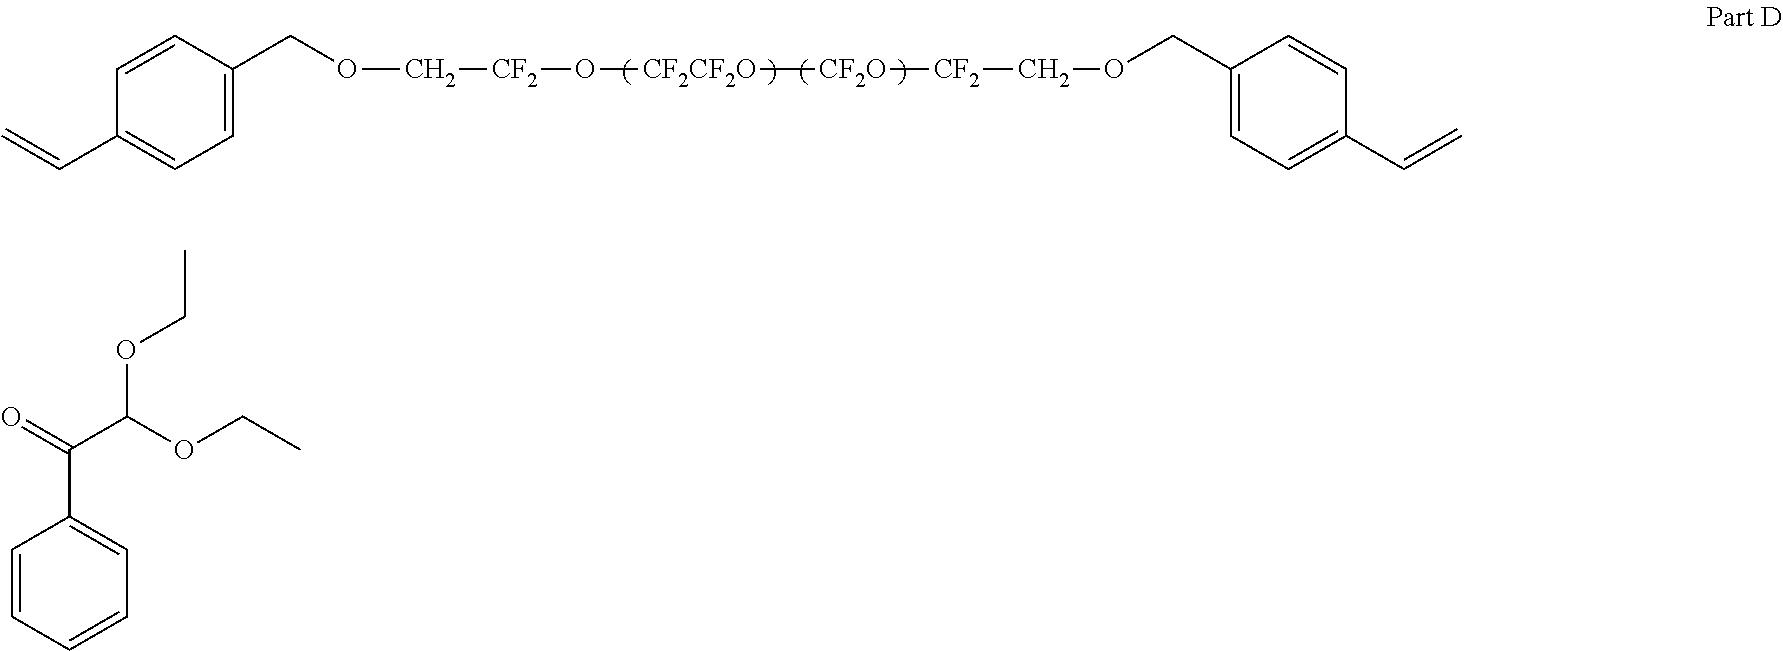 Figure US08158728-20120417-C00013